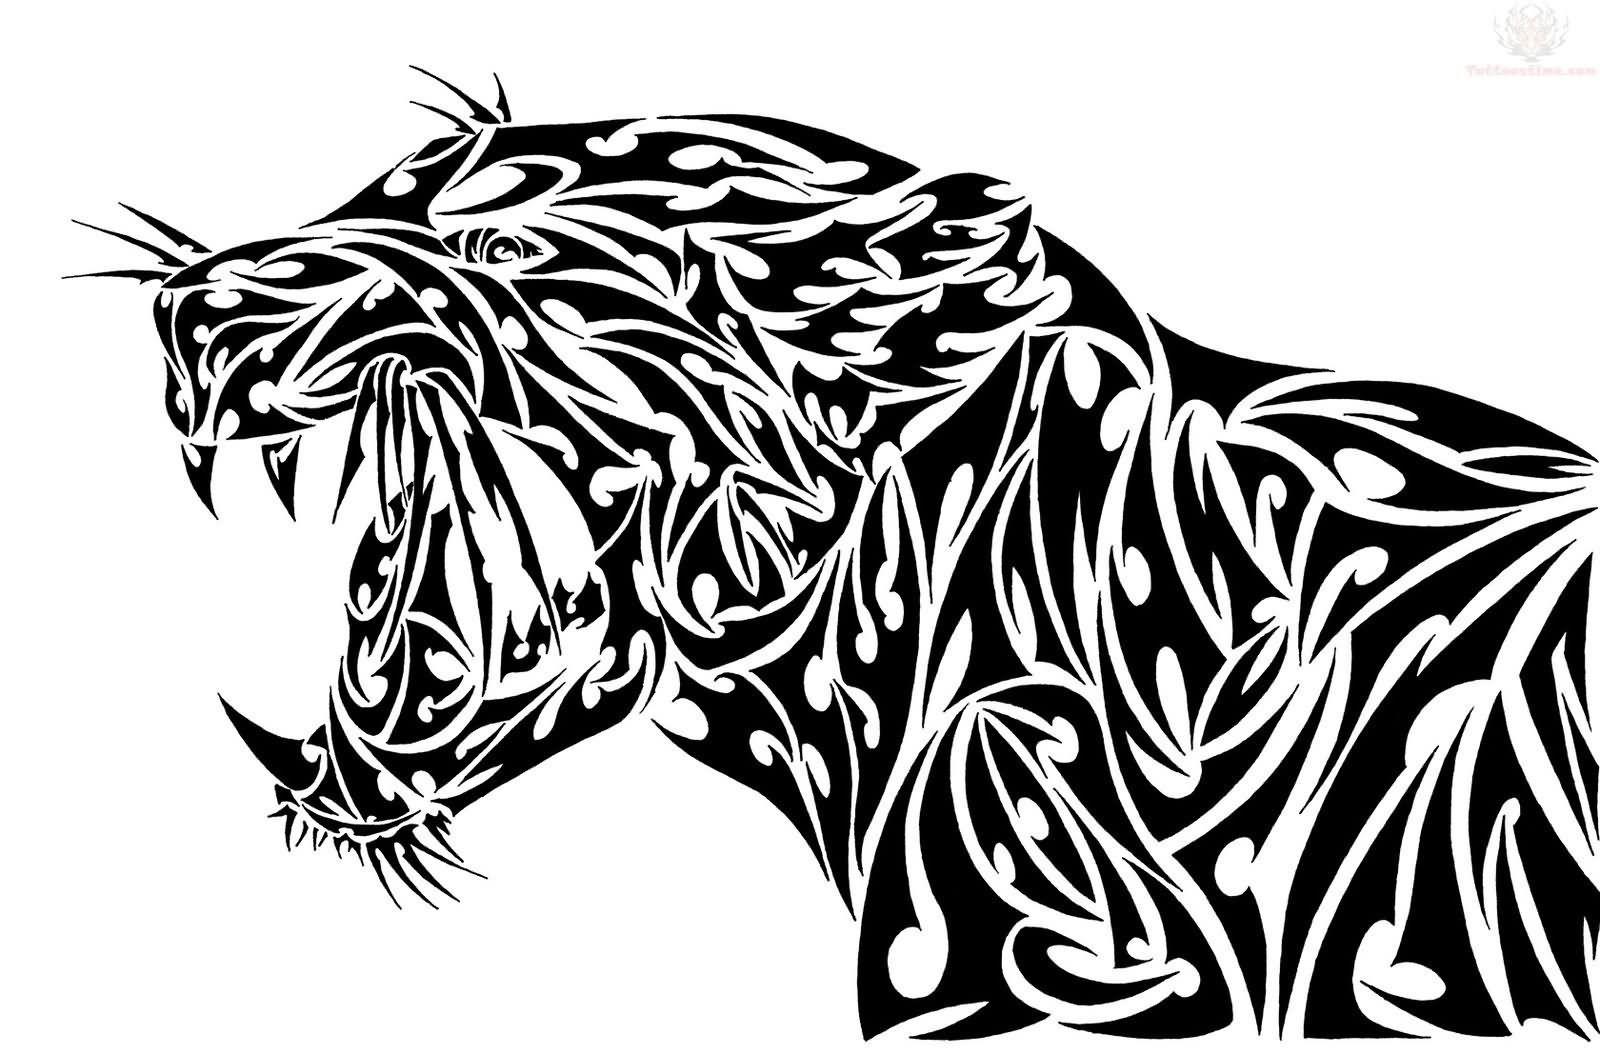 Tribal Jaguar Tattoos Page 2 Tatuaje De Jaguar Tatuajes De Animales Arte Tribal